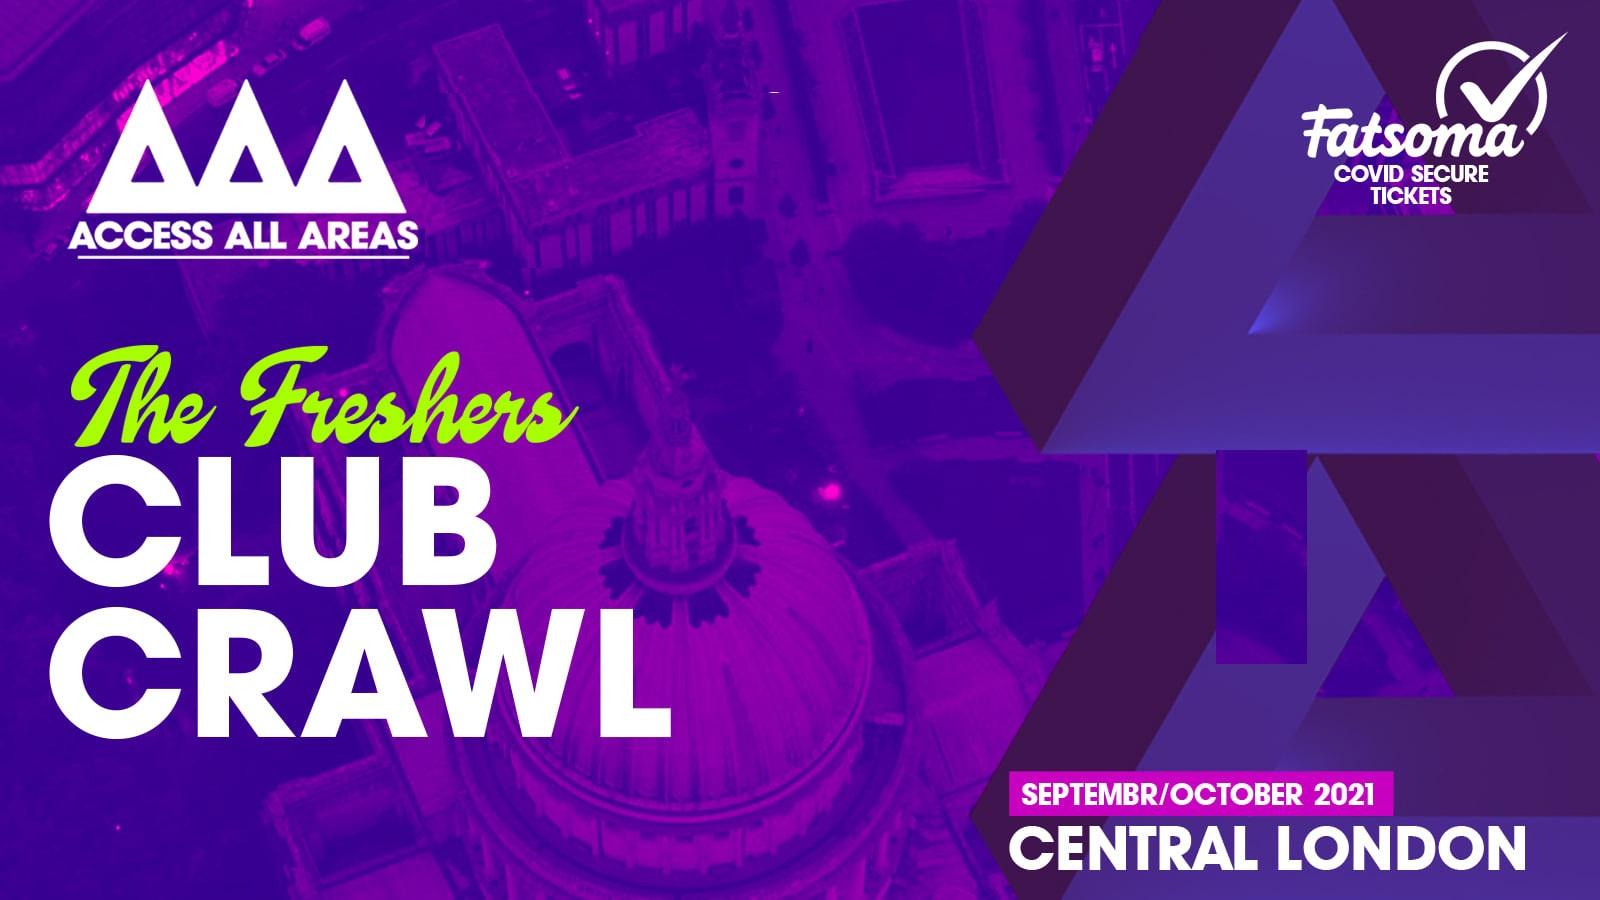 The Friday Night Freshers Club Crawl 🍻 October 15th 2021 💥